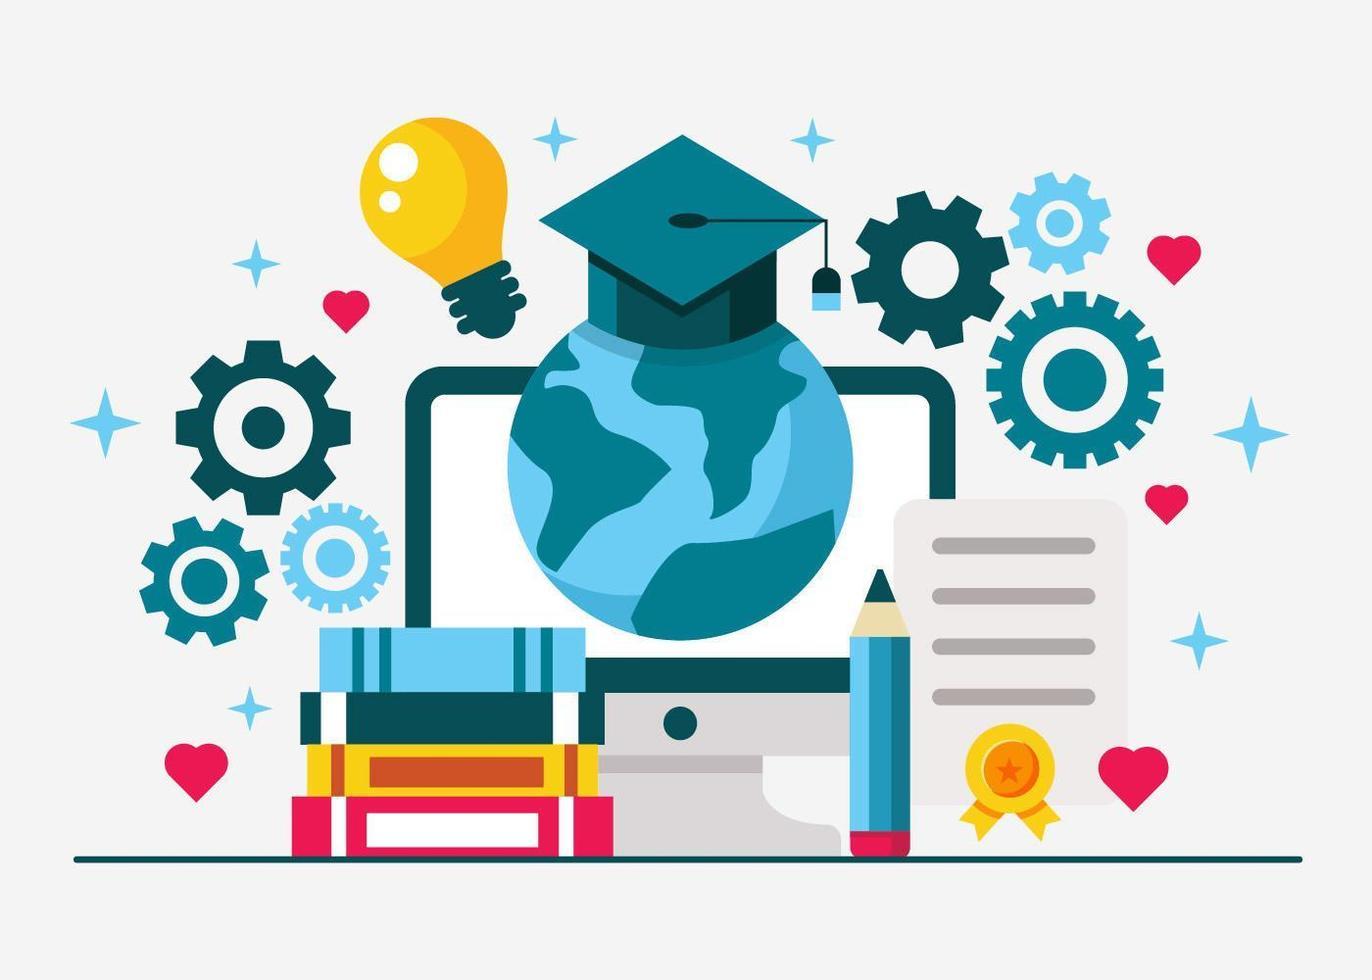 Exchange Student Global Education Concept Vector 274360 Vektor Kunst bei  Vecteezy